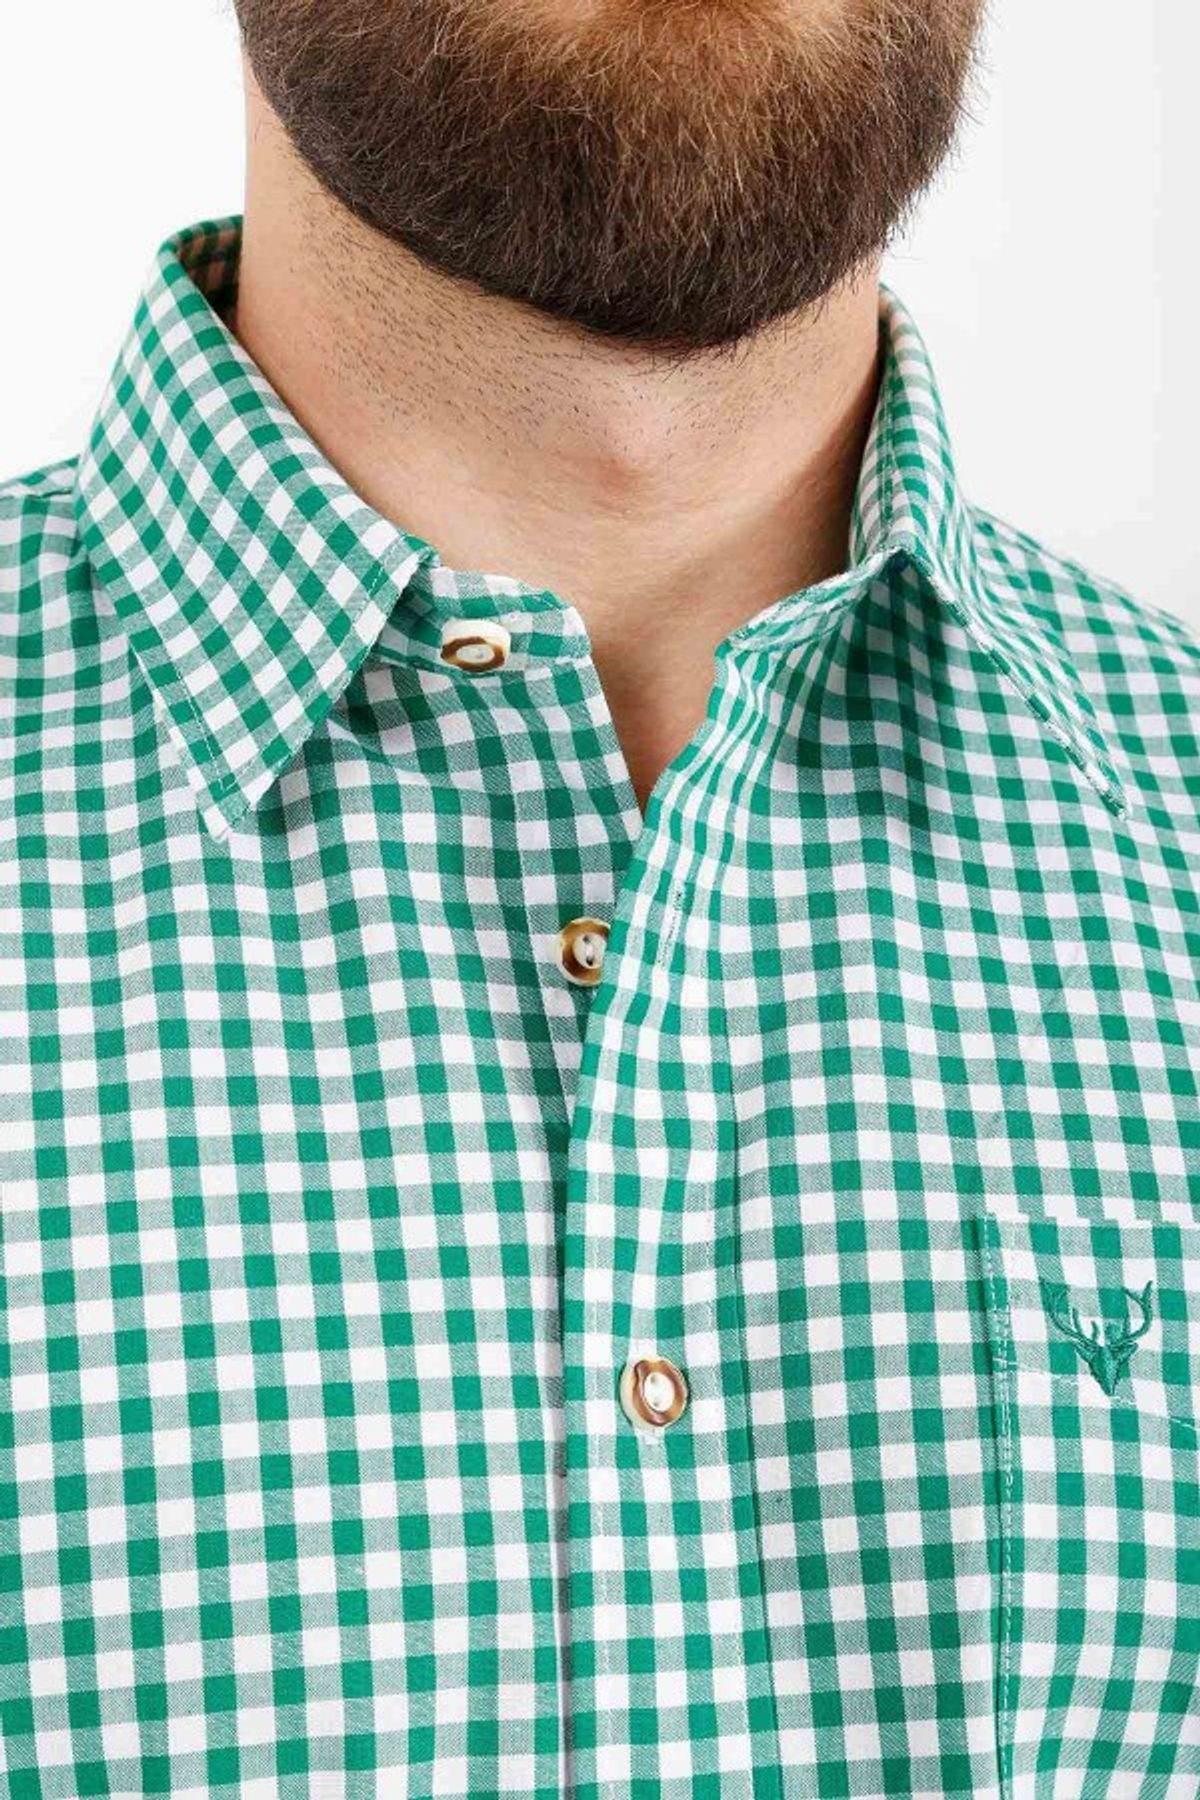 Krüger - Herren Trachtenhemd in grün (951-105) – Bild 4